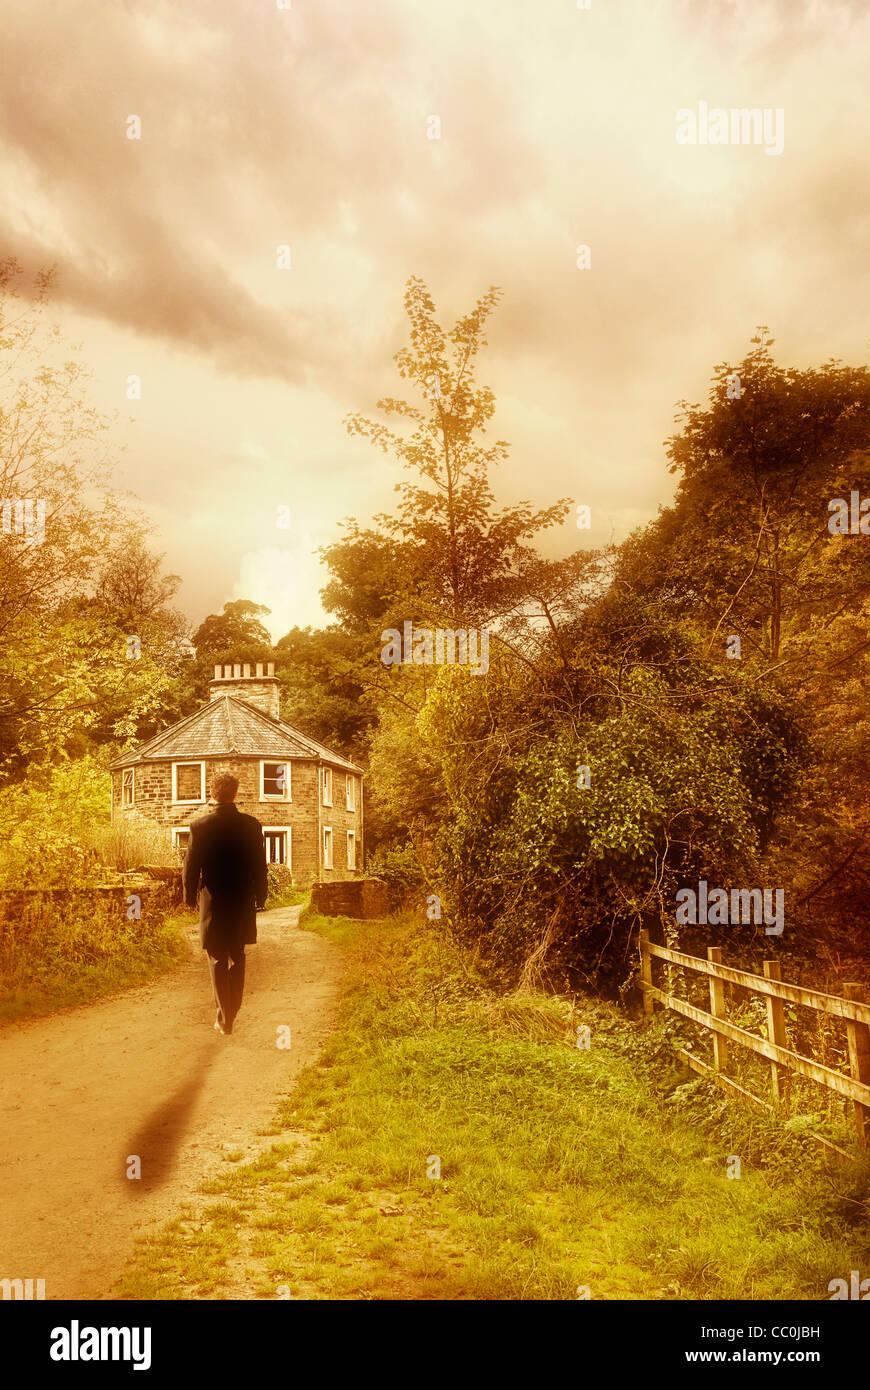 Uomo che cammina verso la casa di campagna Immagini Stock